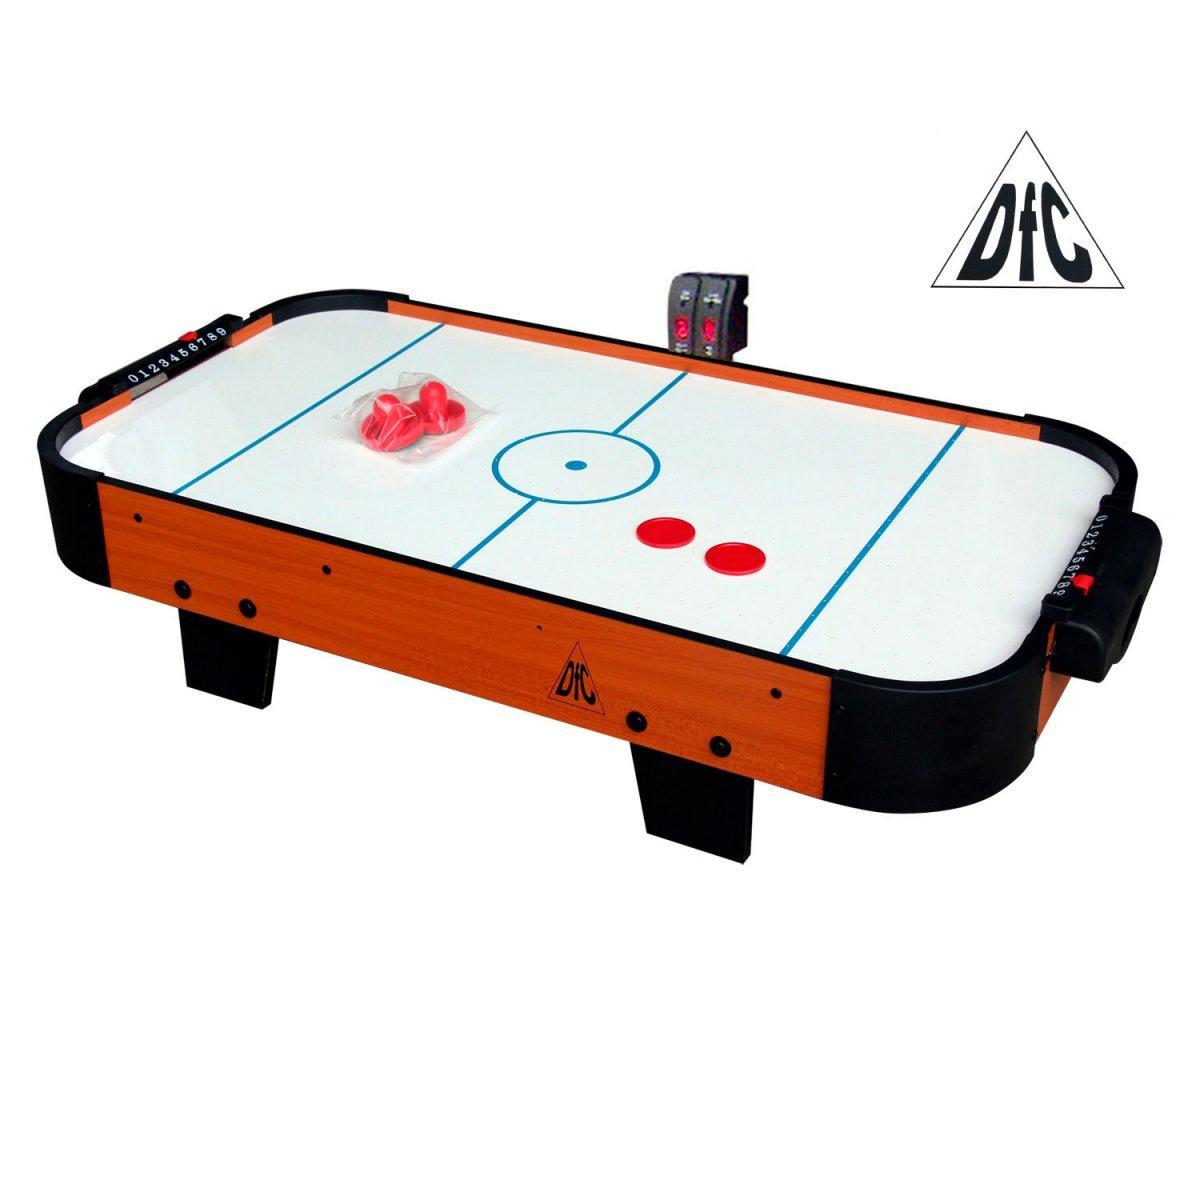 Игровой стол - аэрохоккей DFC LION PRO эл.счетчик в Москве 78001001185 купить 1